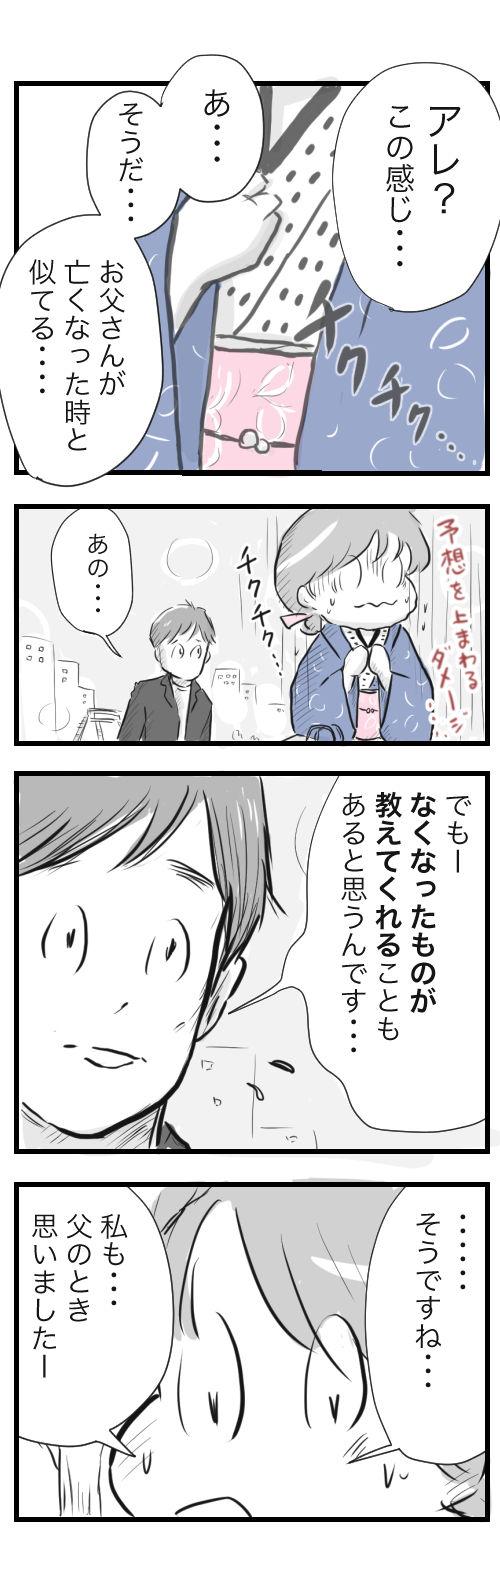 熊本レポ5−2−1